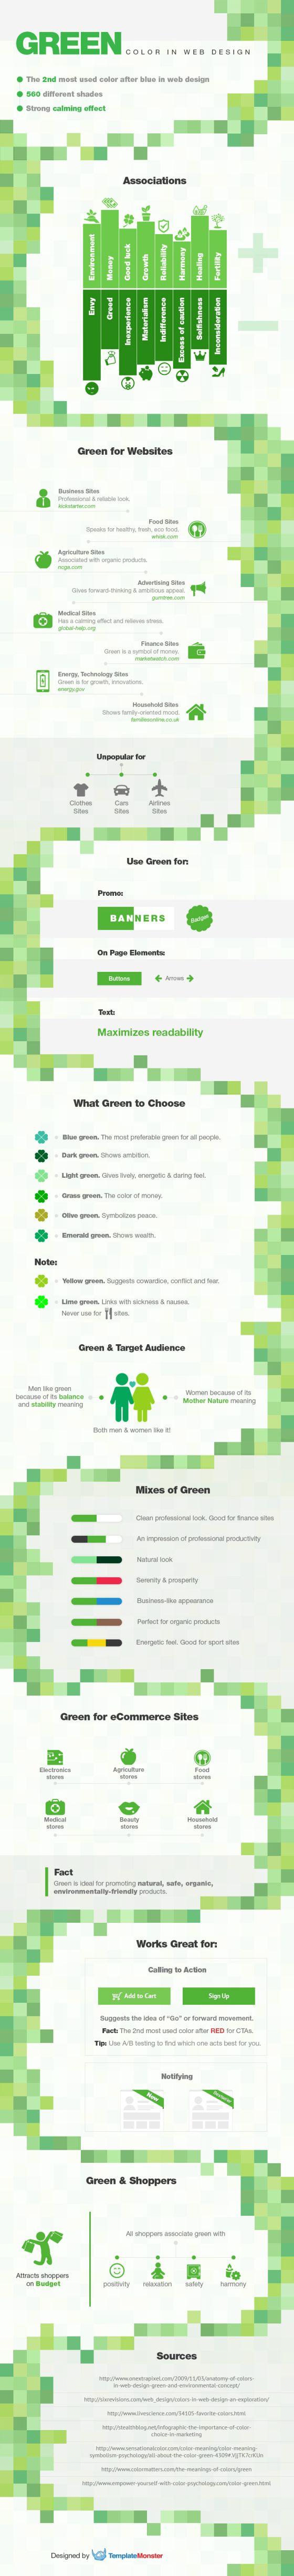 Color verde en Diseño Web